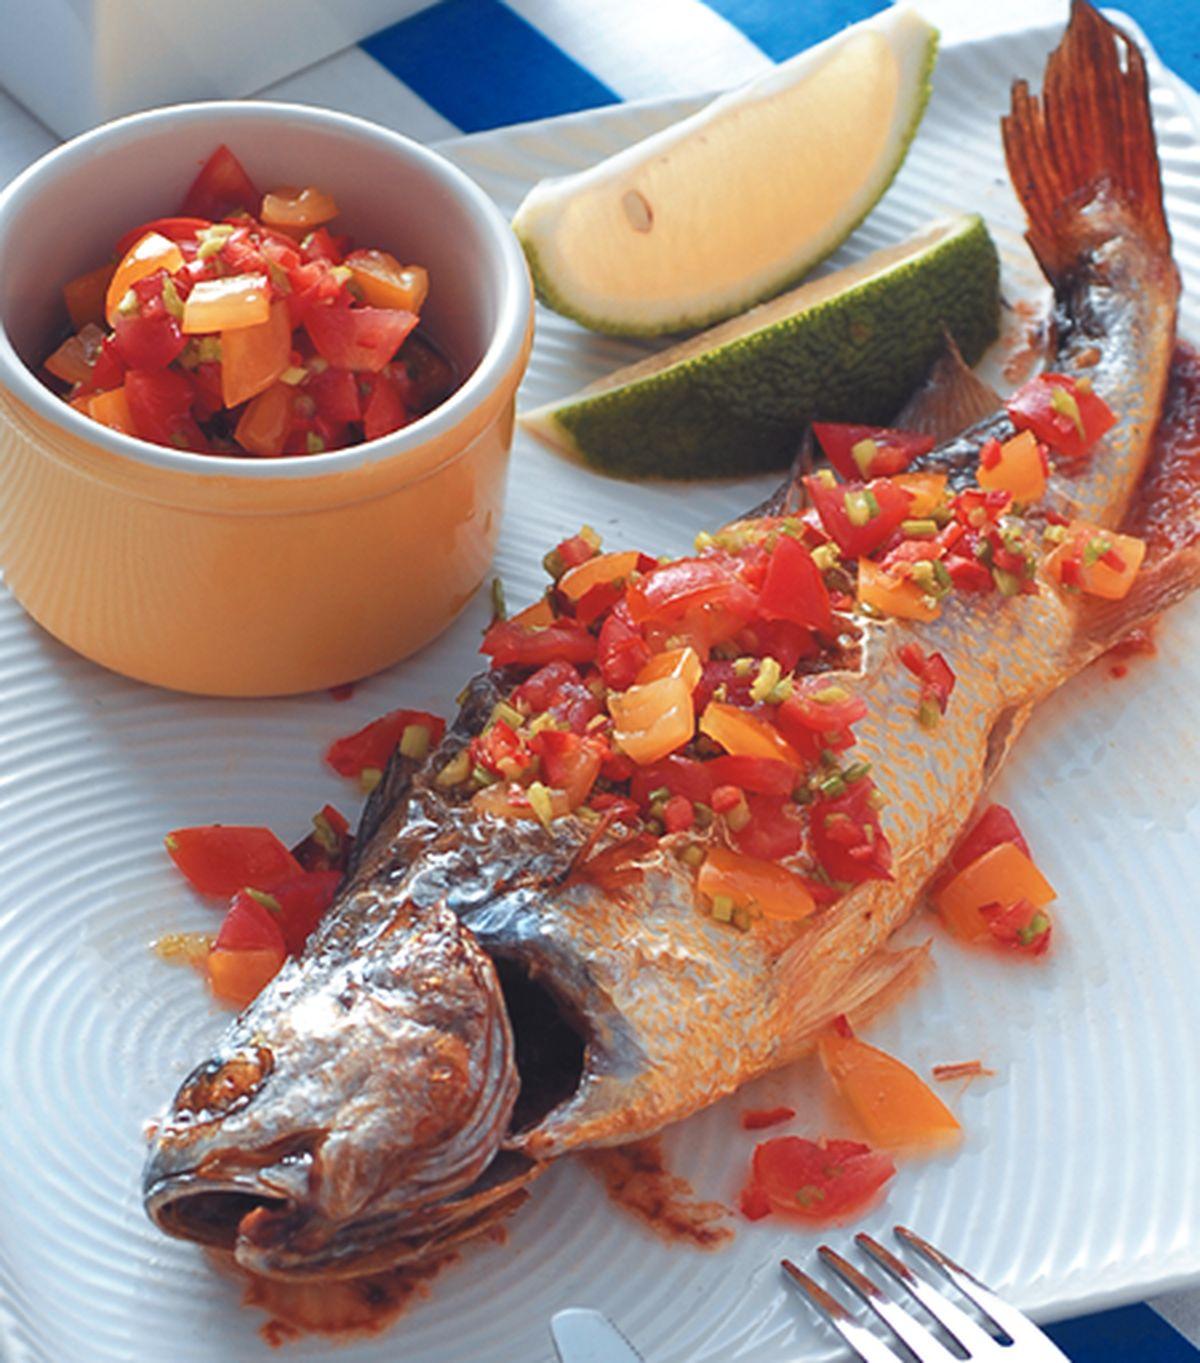 食譜:檸檬茄汁魚